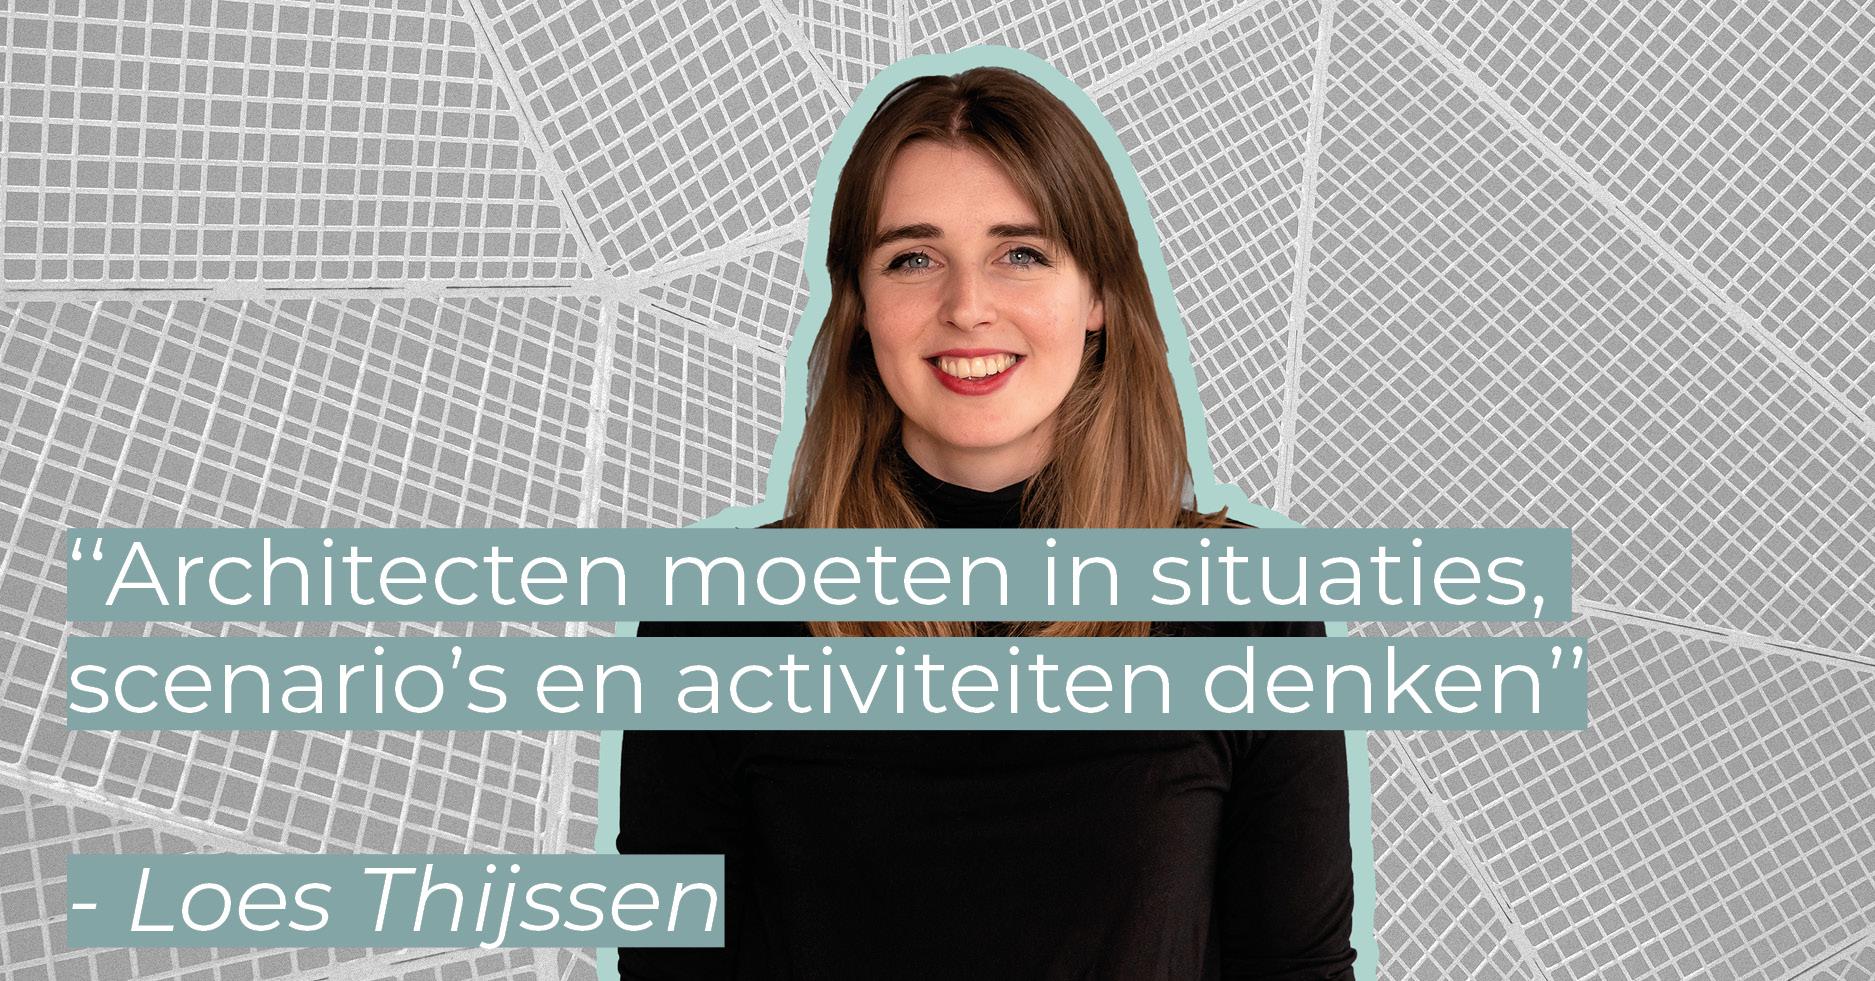 Loes Thijssen's column in A.ZINE